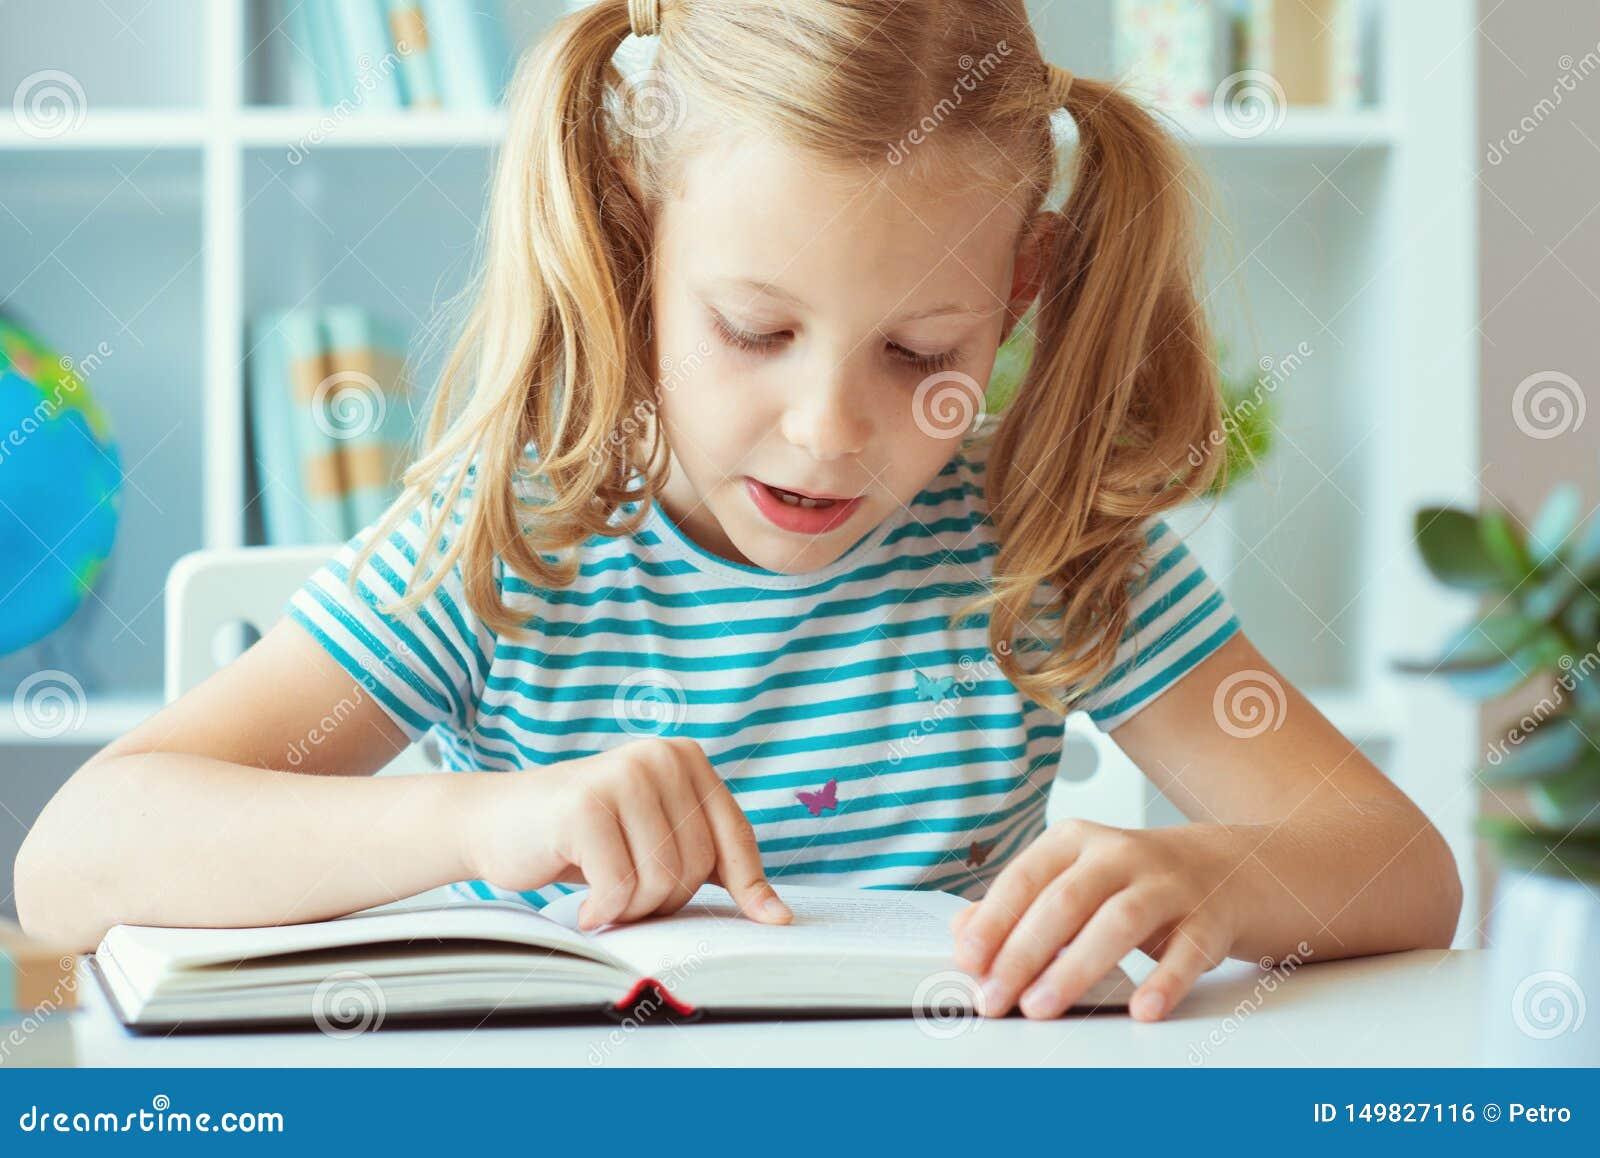 Porträt eines netten kleinen Mädchens las Buch am Tisch im Klassenzimmer